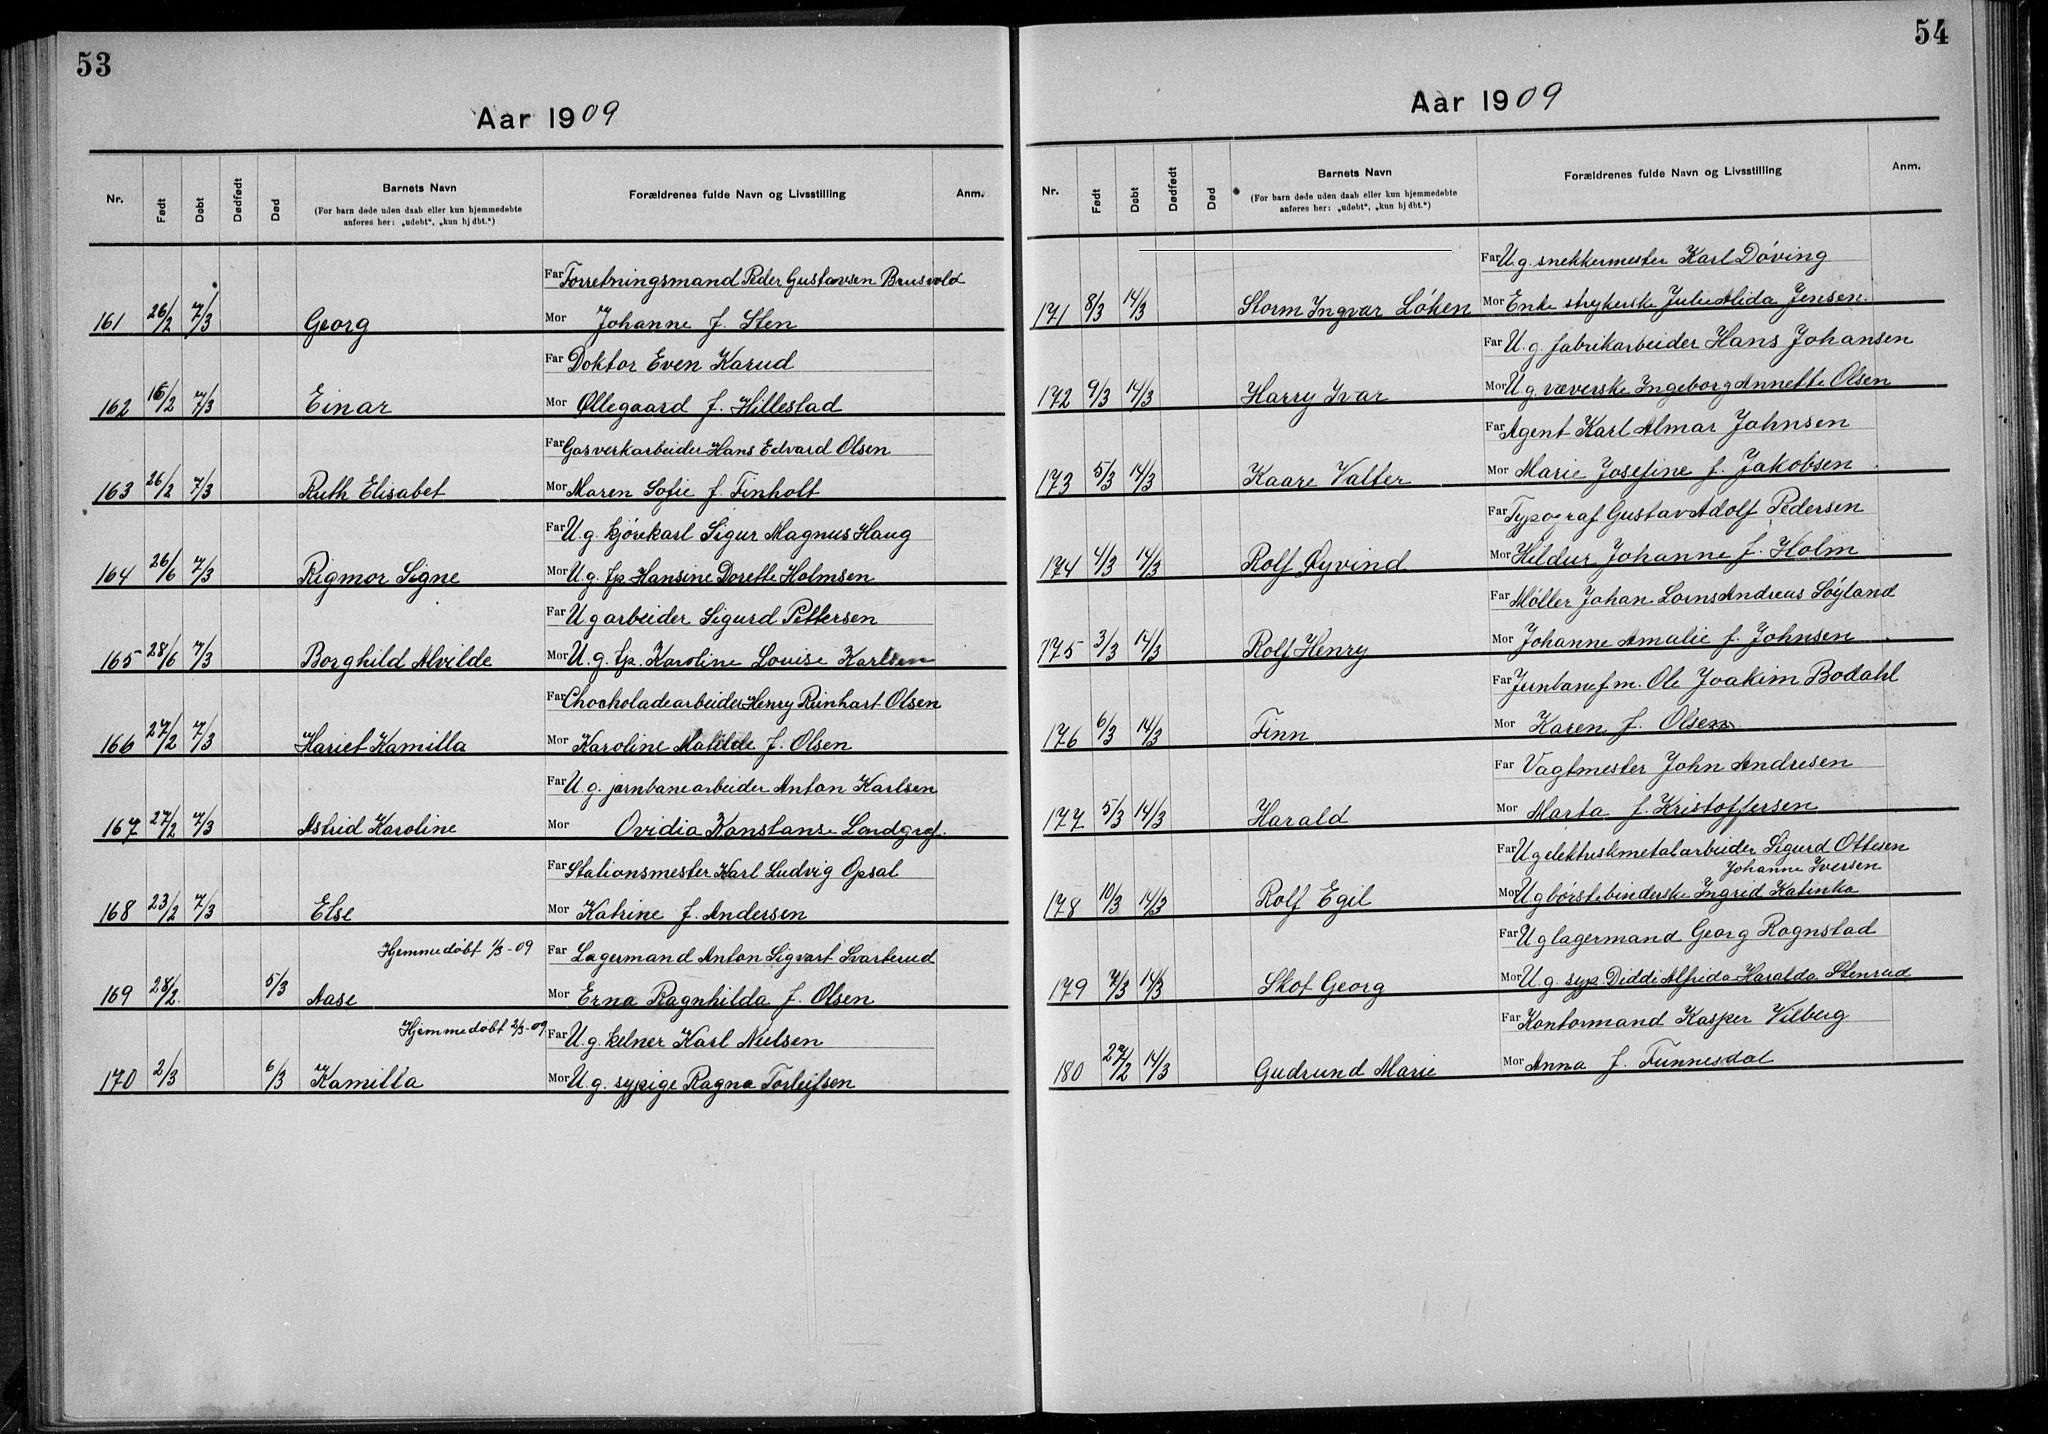 SAO, Rikshospitalet prestekontor Kirkebøker, K/L0006/0003: Dåpsbok nr. 6.3, 1908-1910, s. 53-54